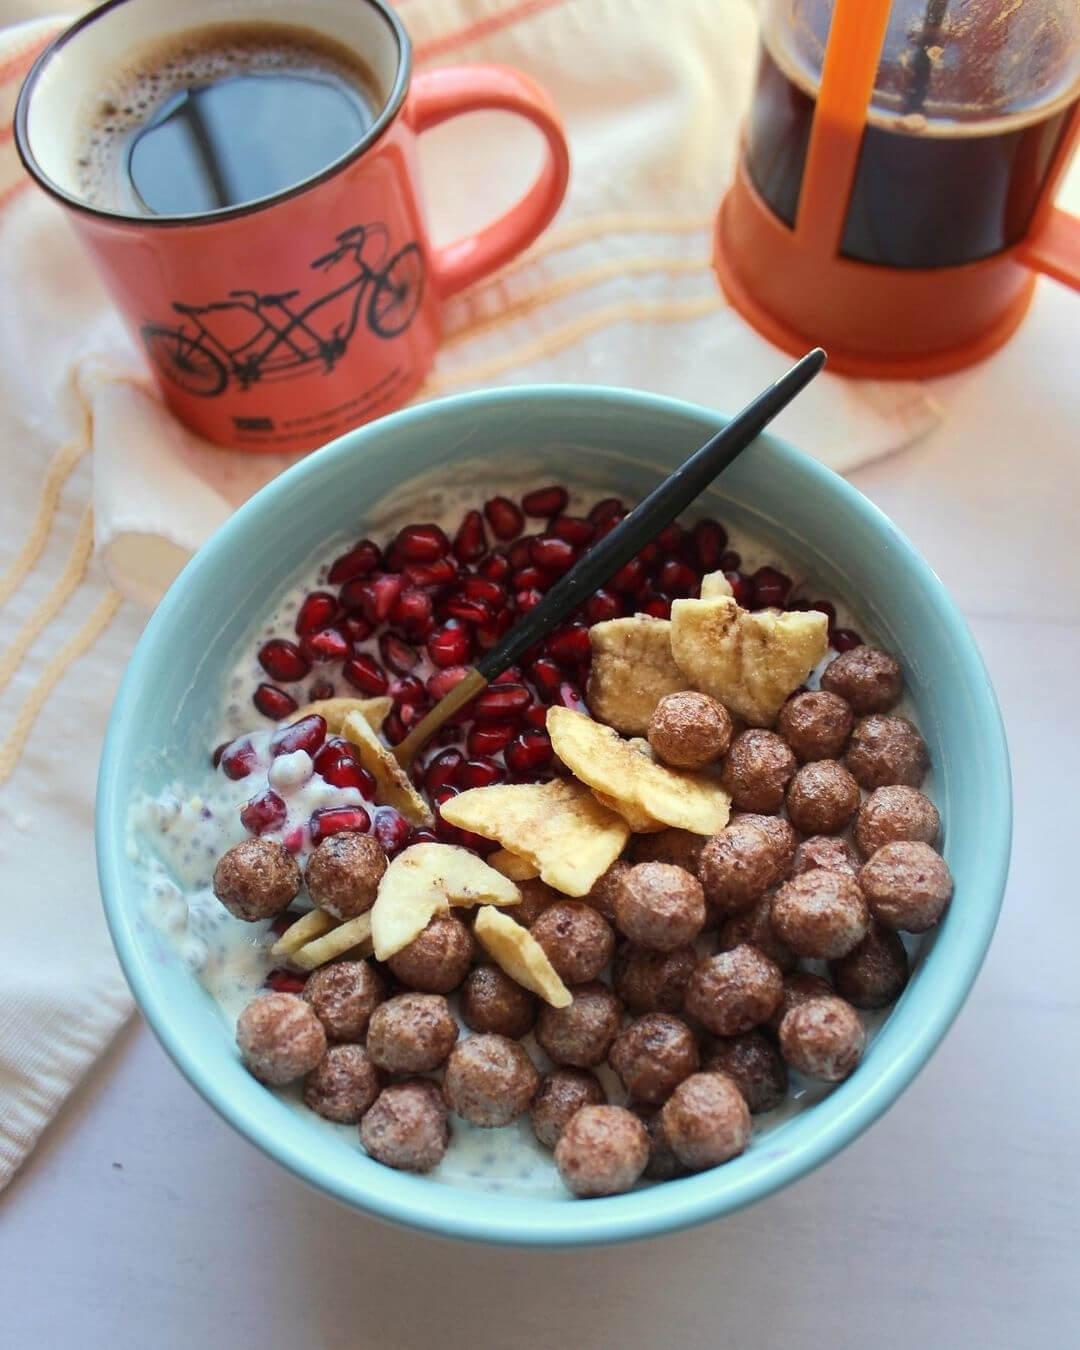 Receta de desayuno con Chocolate de Garbanzo